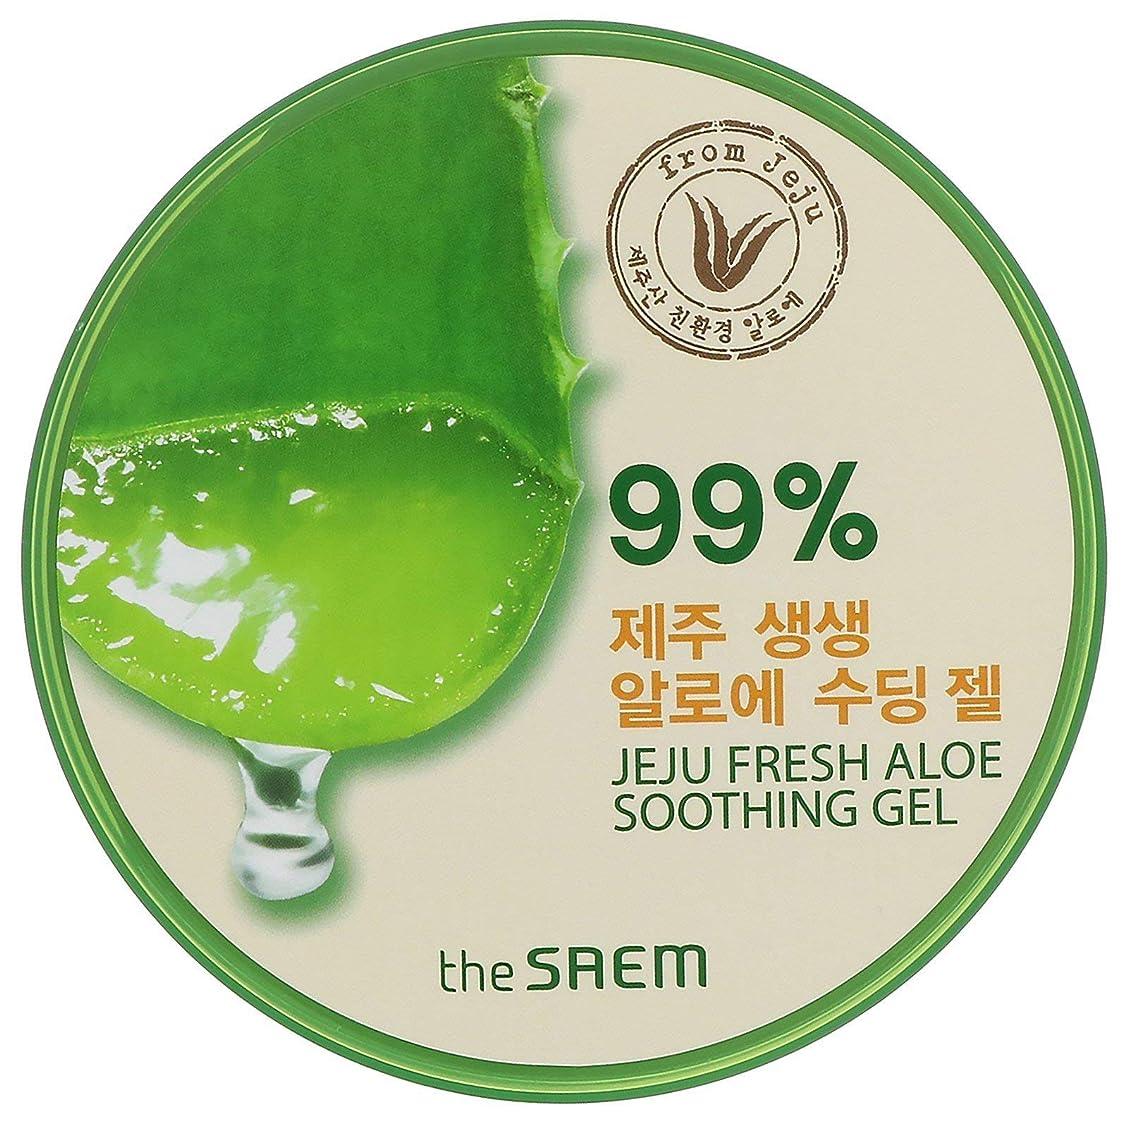 災難借りる同僚即日発送 【国内発送】ザセム アロエスーディングジェル99% 頭からつま先までしっとり The SAEM Jeju Fresh ALOE Soothing Gel 99%